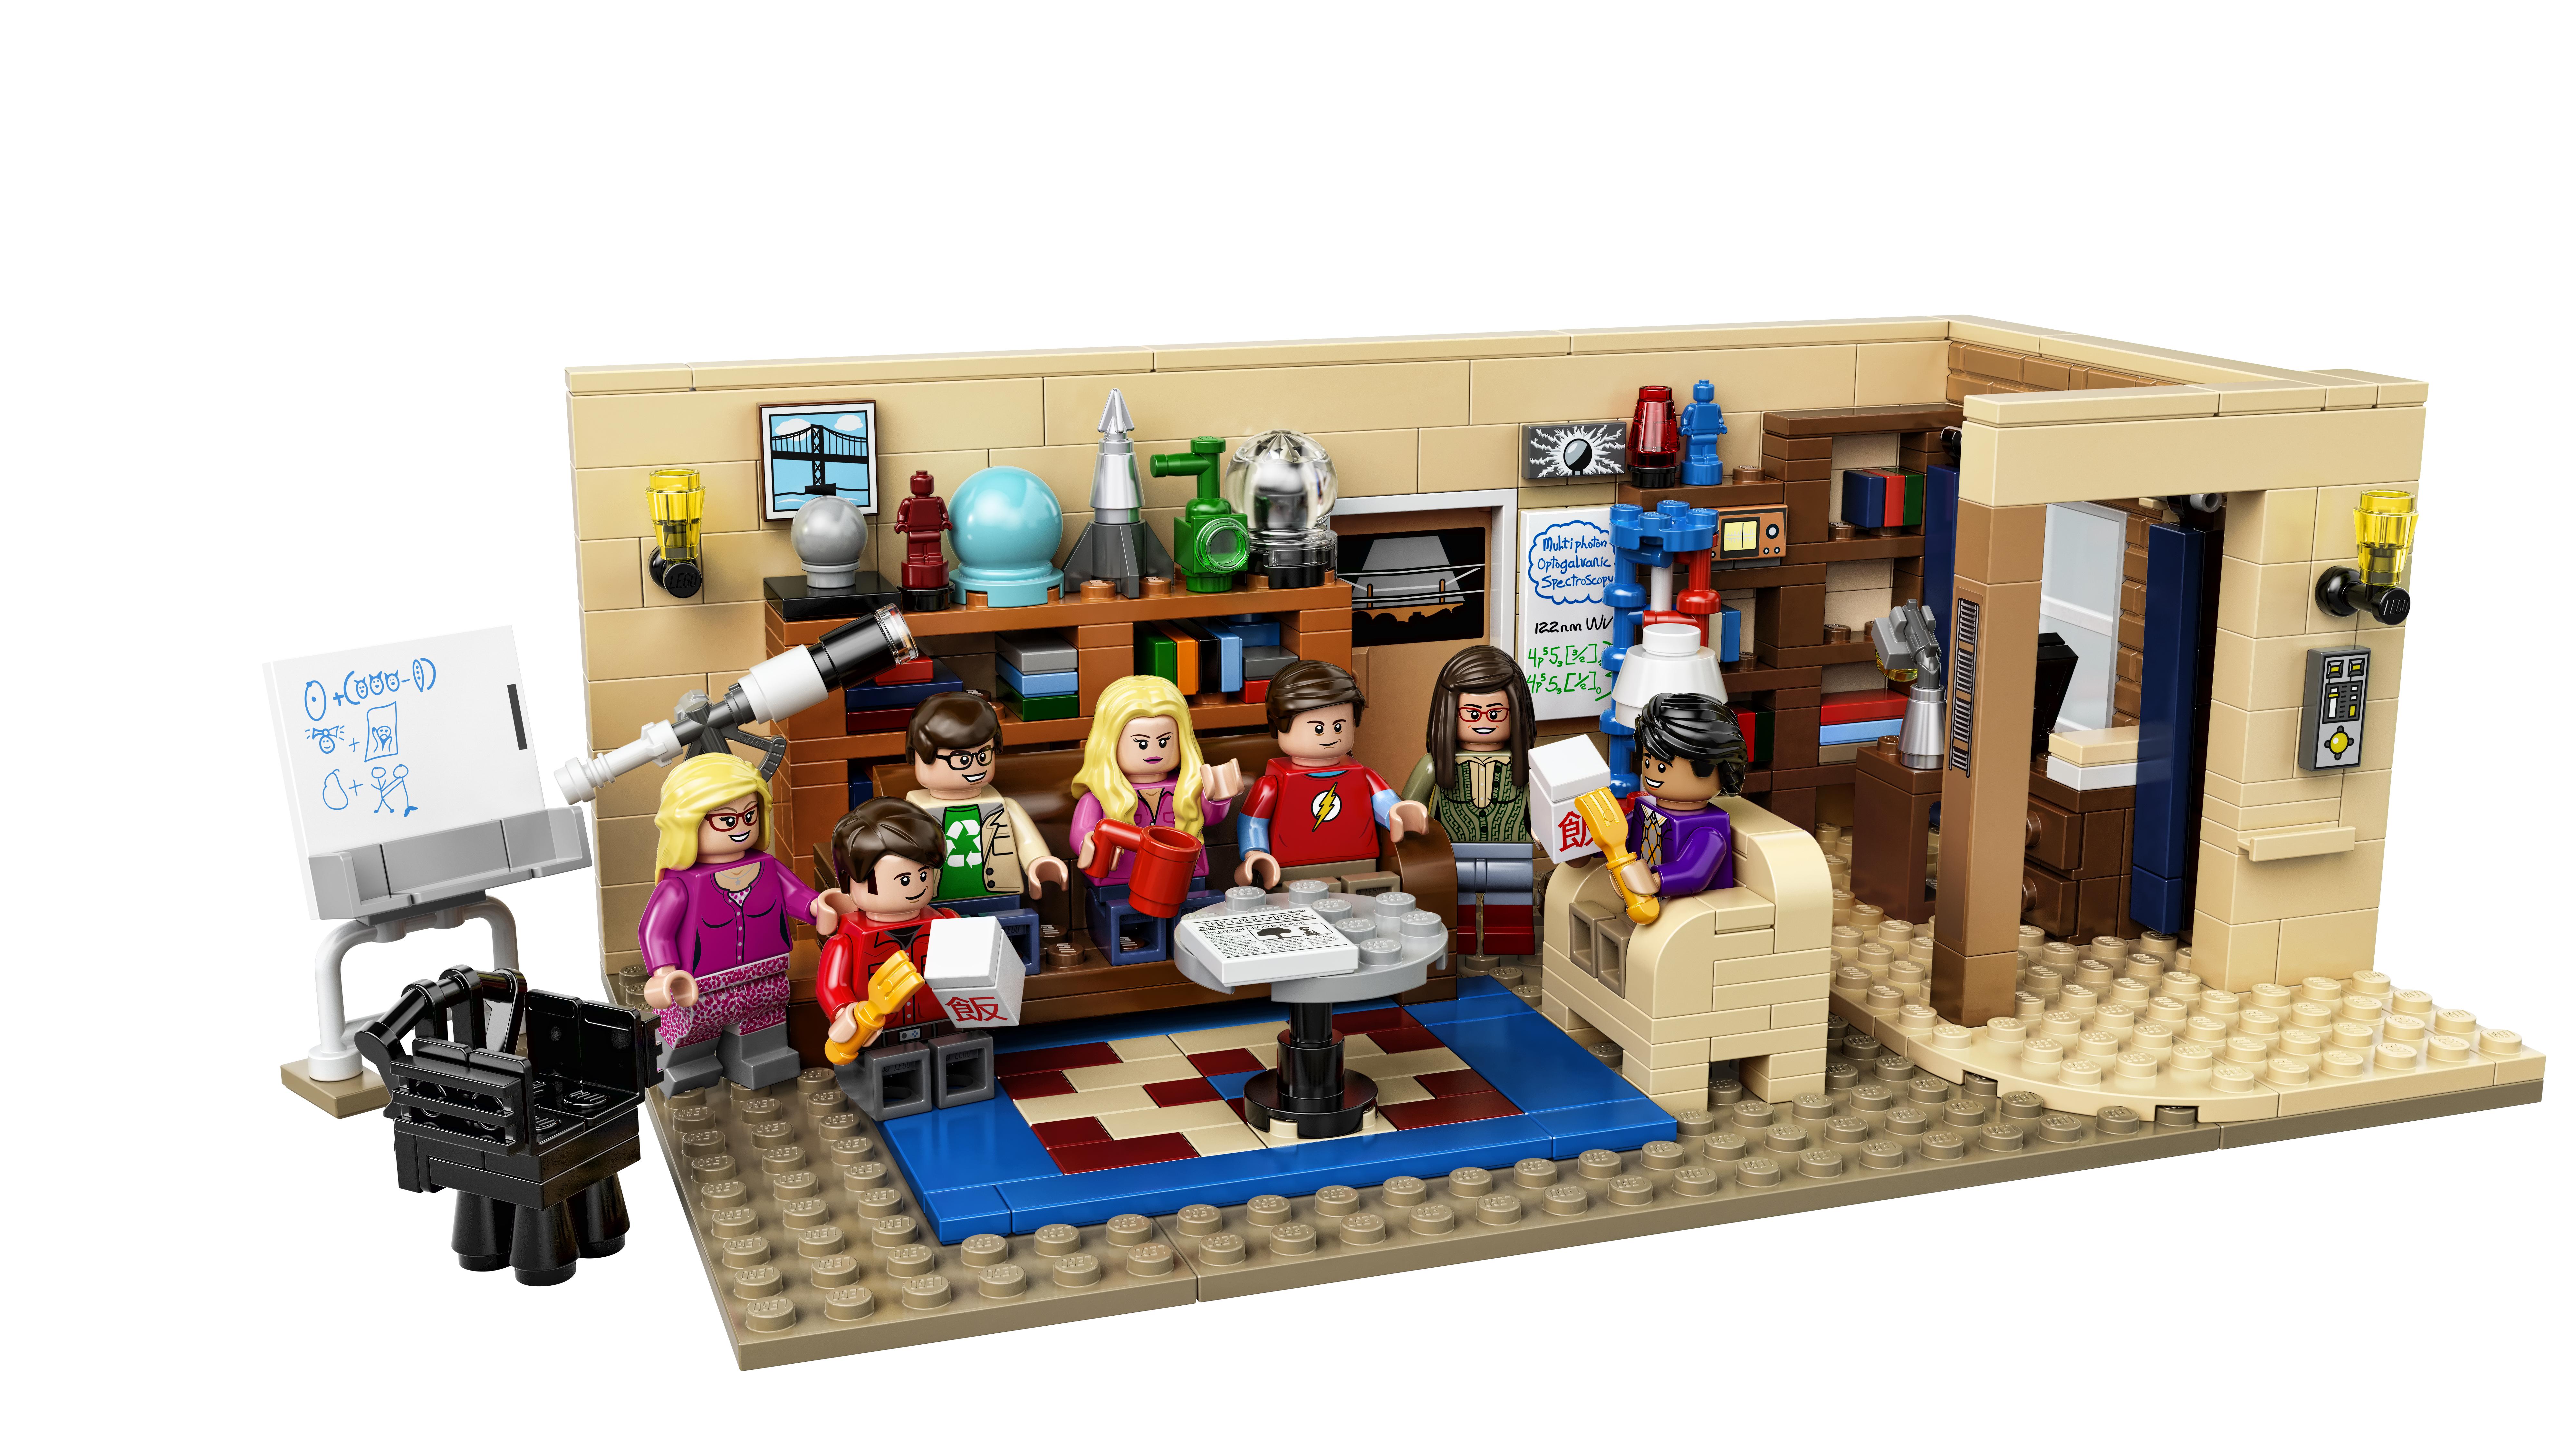 Here S The New Lego 21302 Big Bang Theory Set Jay S Brick Blog